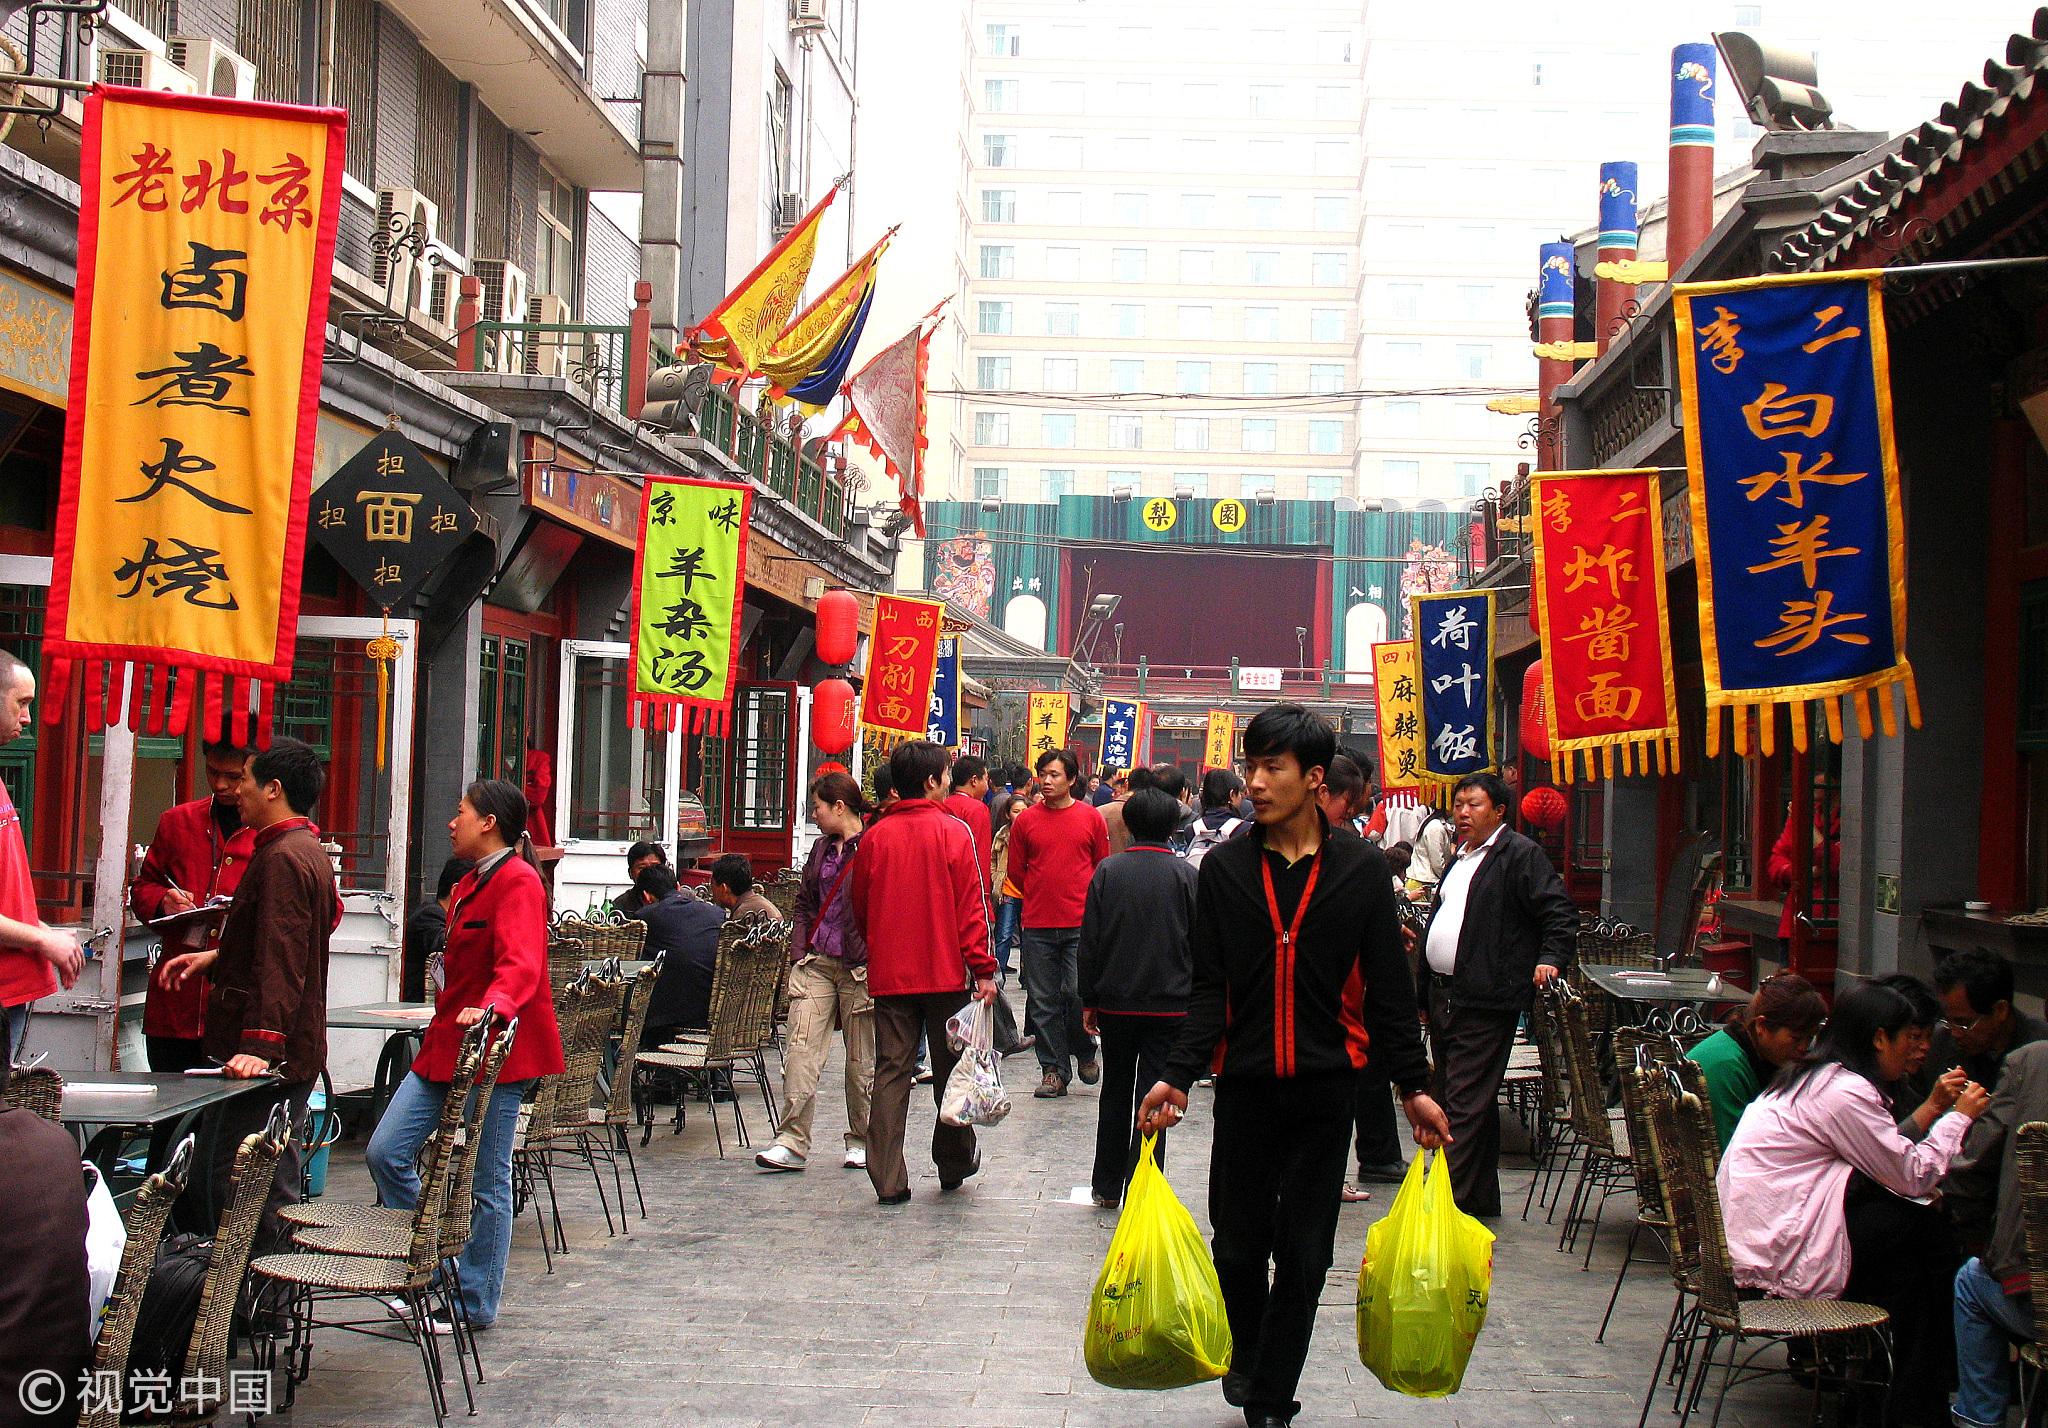 北京王府井小吃街挂满了各种北京小吃的招牌